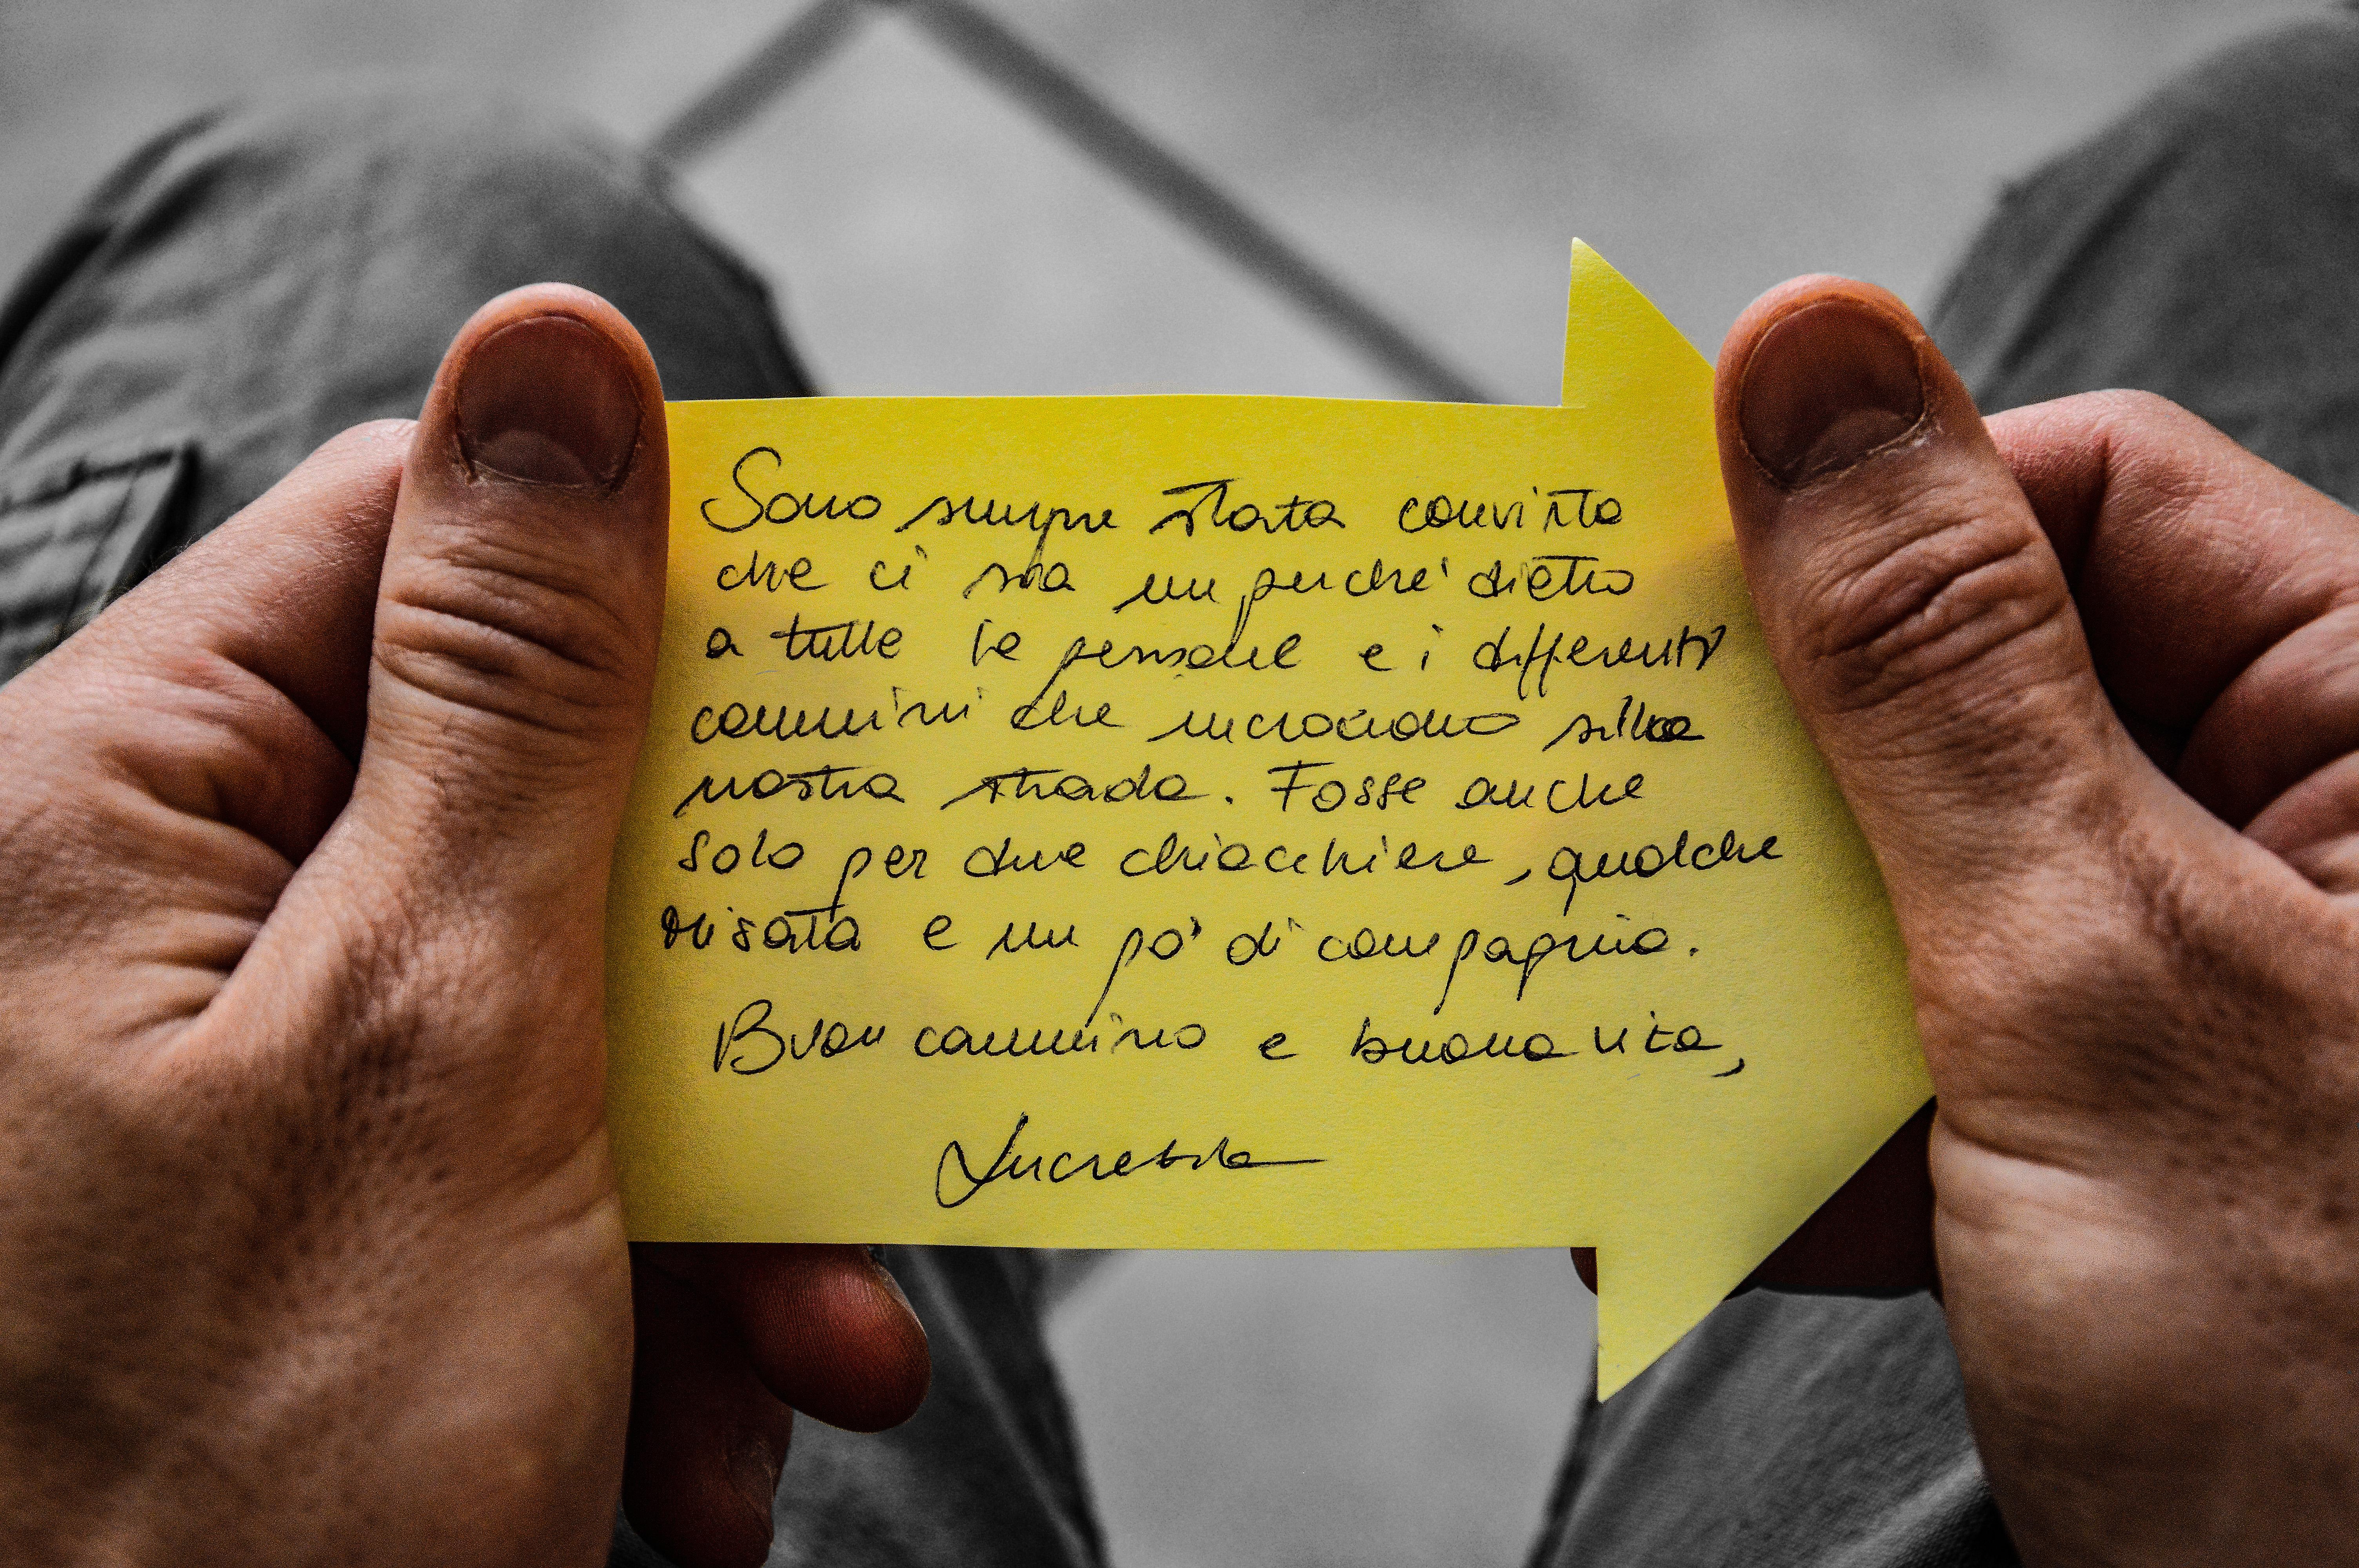 messaggio su post it giallo tra le mani